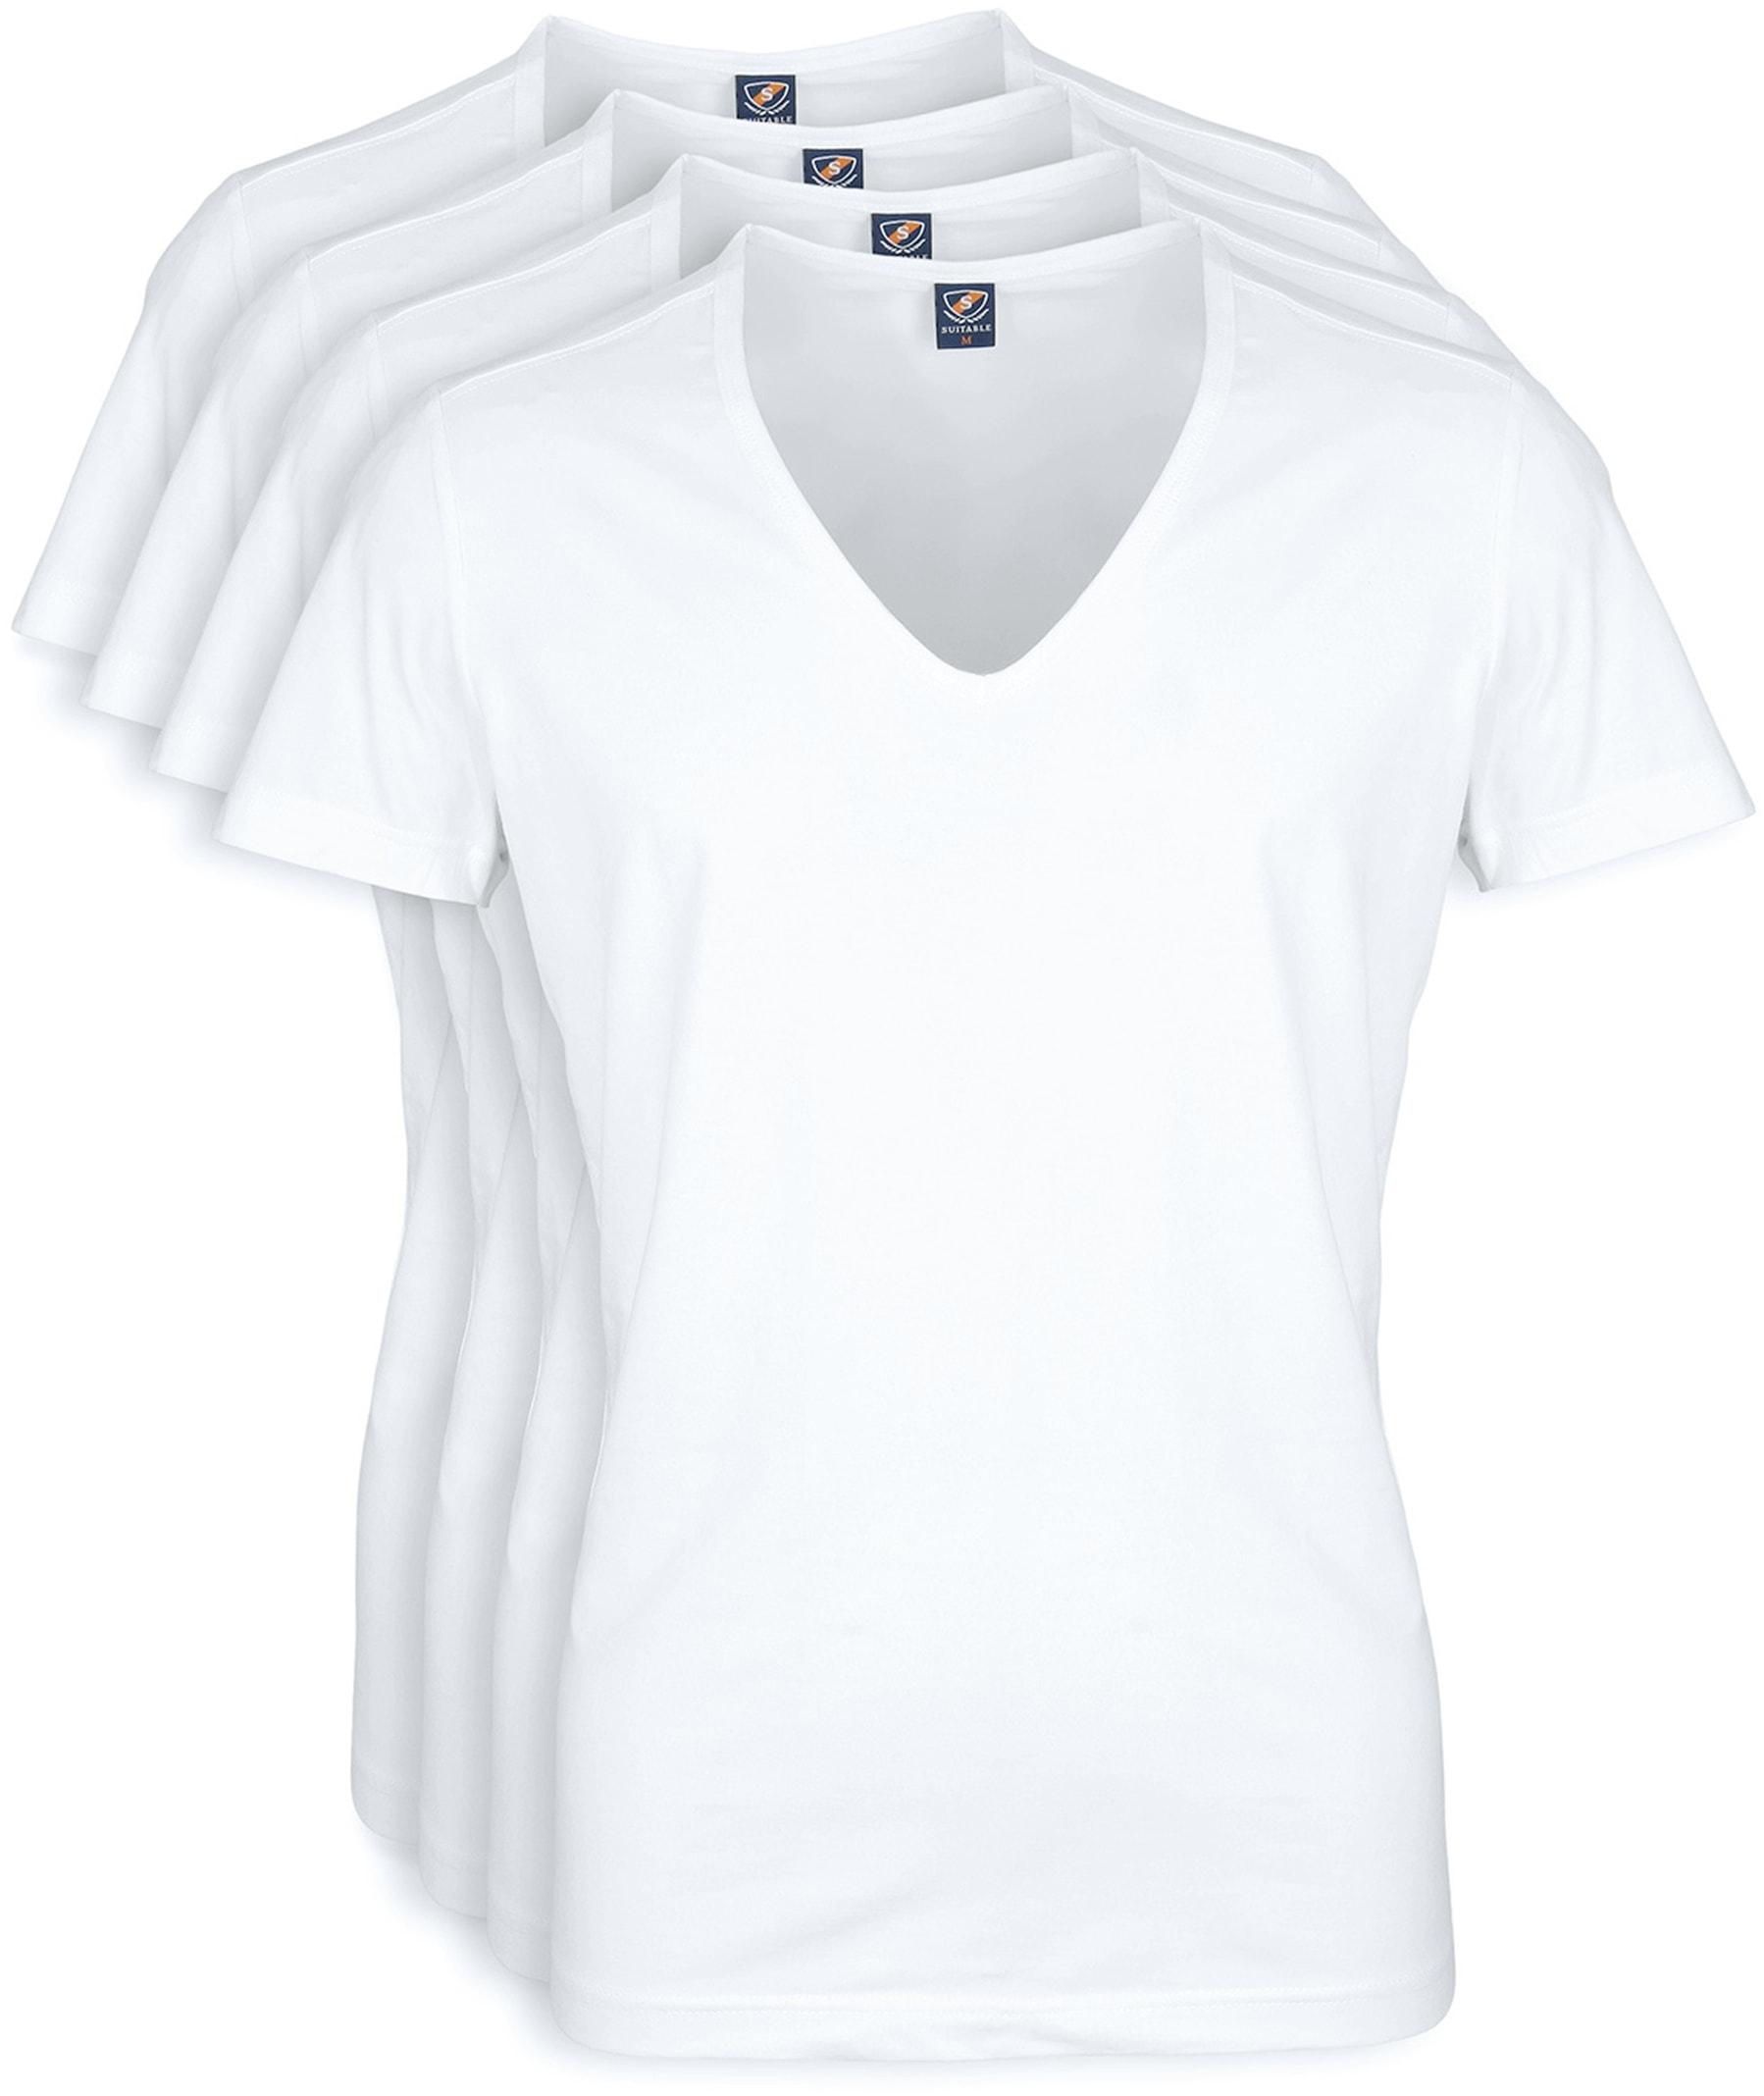 T-Shirt Tiefer V-Ausschnitt 4er Pack Stretch Weiß